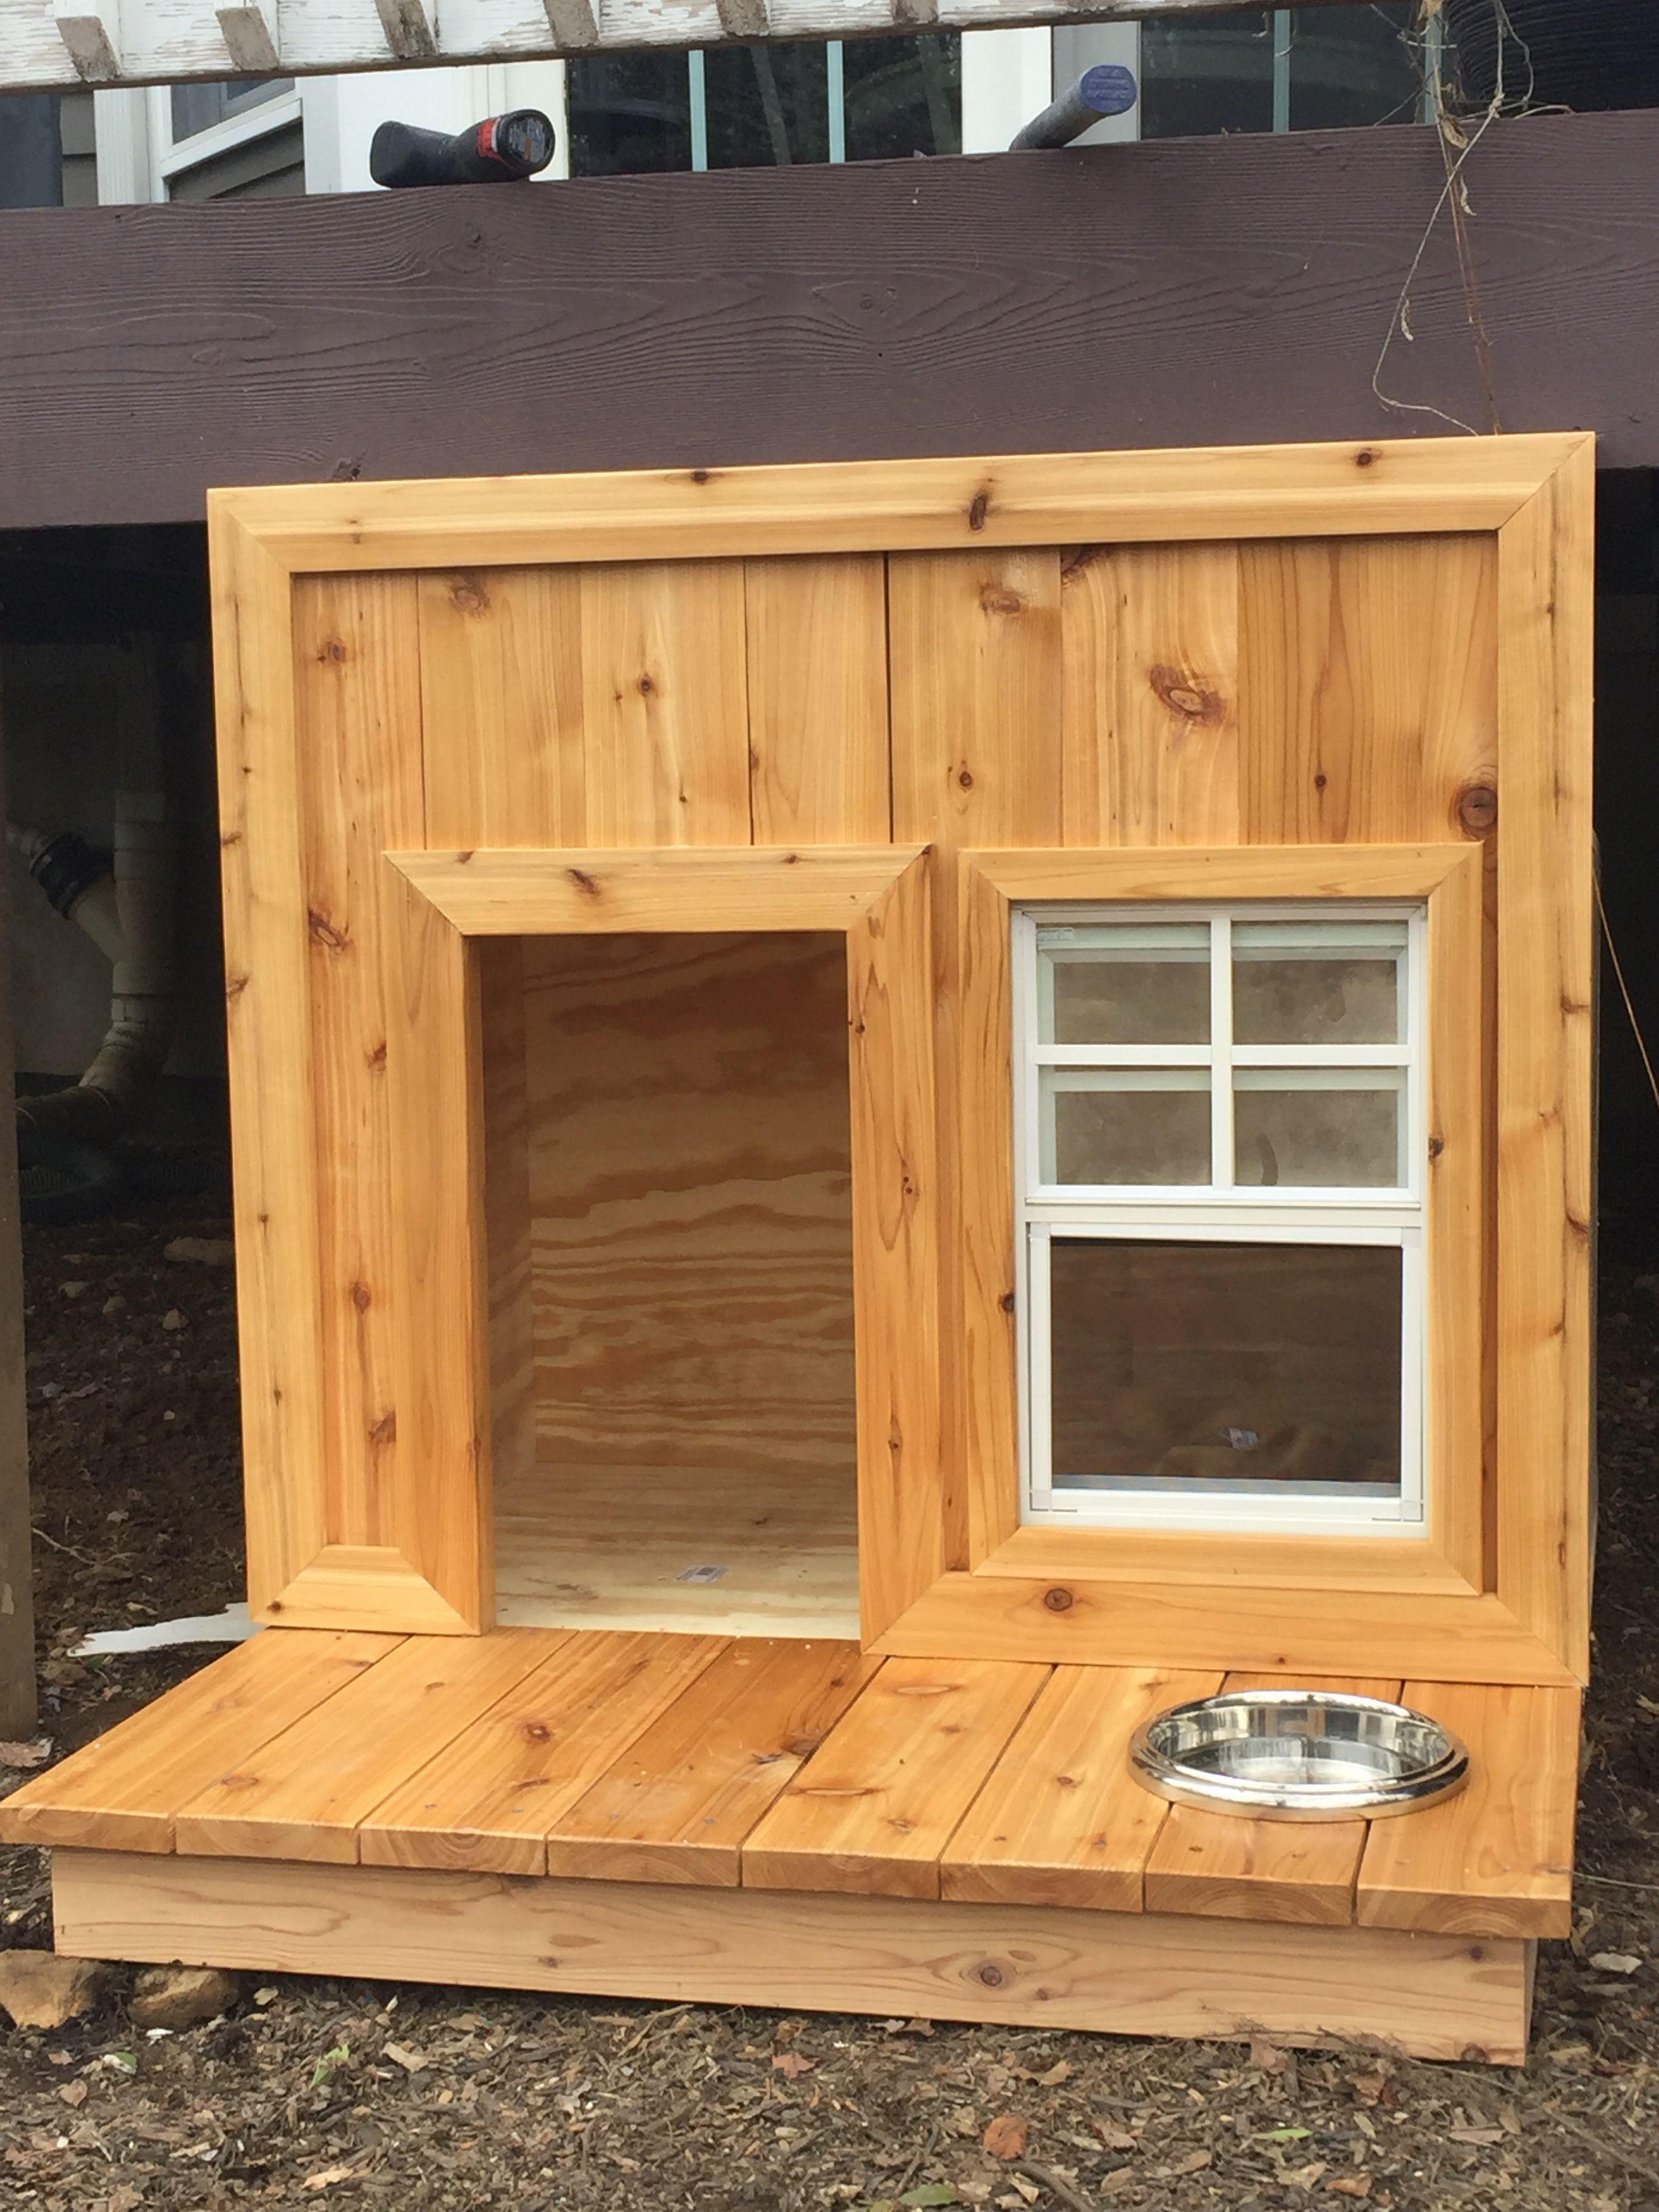 Cedar Dog House For Under The Deck Cedardoghouse Dog House Diy